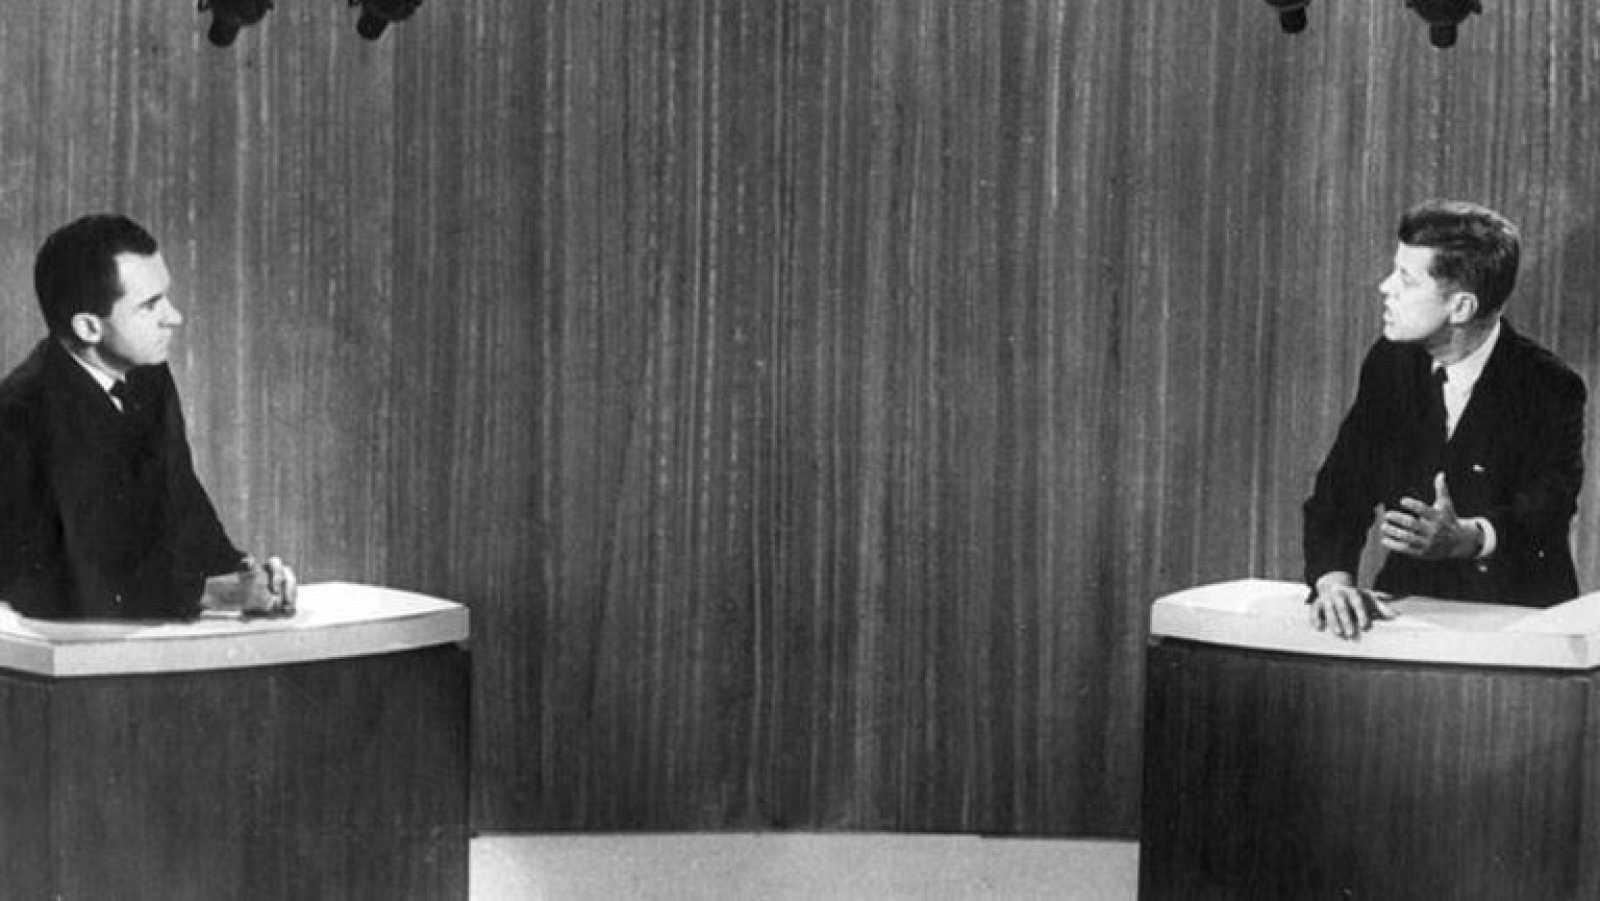 Analizamos con tres expertos de comunicación política las claves para ganar un debate electoral. Entre ellas destaca la naturalidad, no mostrarse nunca agresivo e inestable y saber llevar a tu terreno al rival para que hable de los temas que te inter